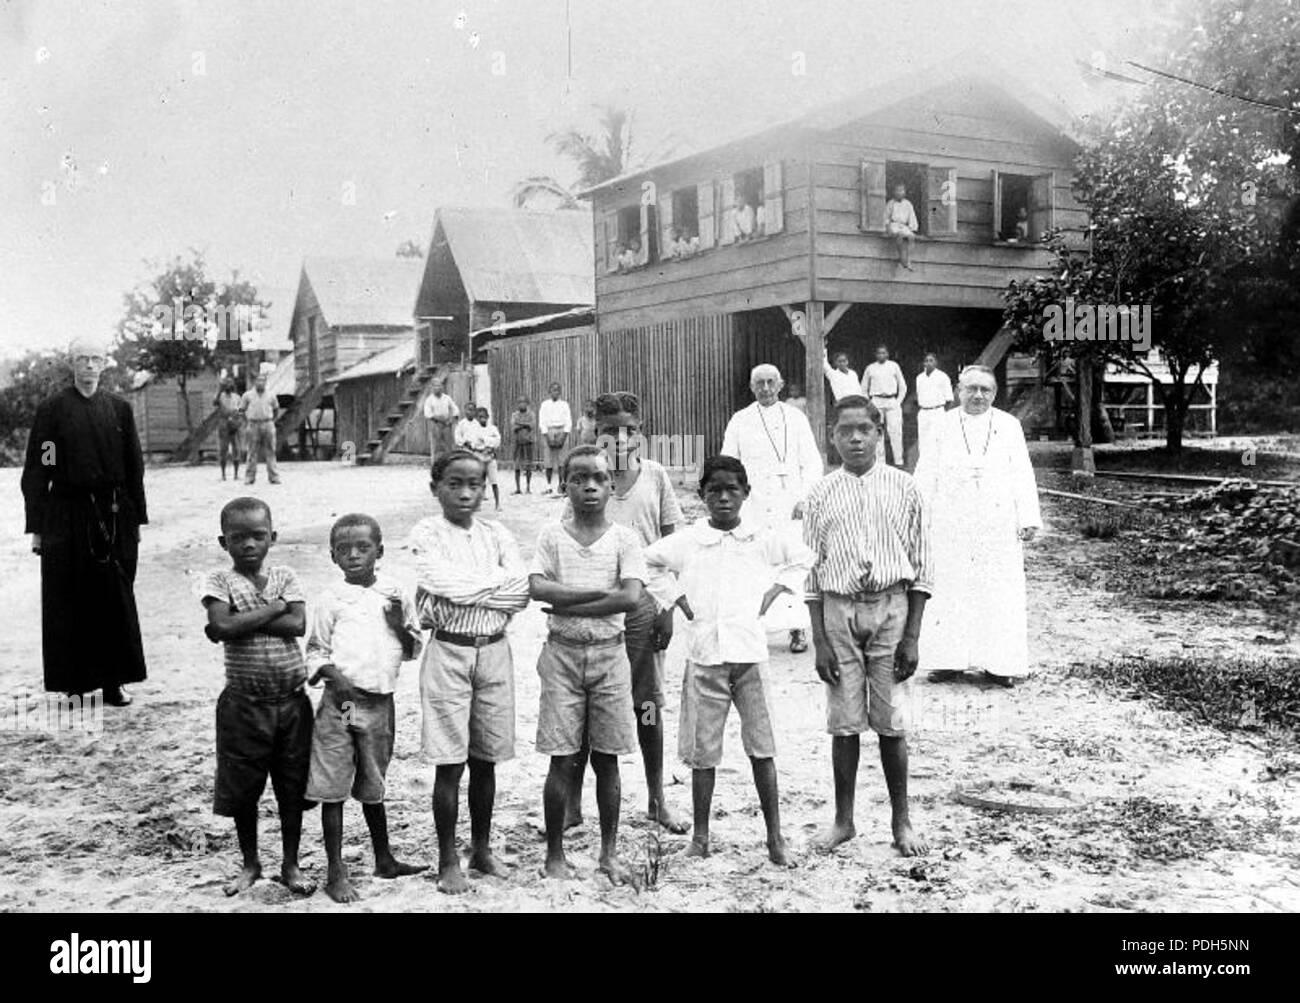 282 Rooms-katholiek jongens internaat in Suriname - Collectie stichting Nationaal Museum van Wereldculturen - TM-10018888 - Stock Image